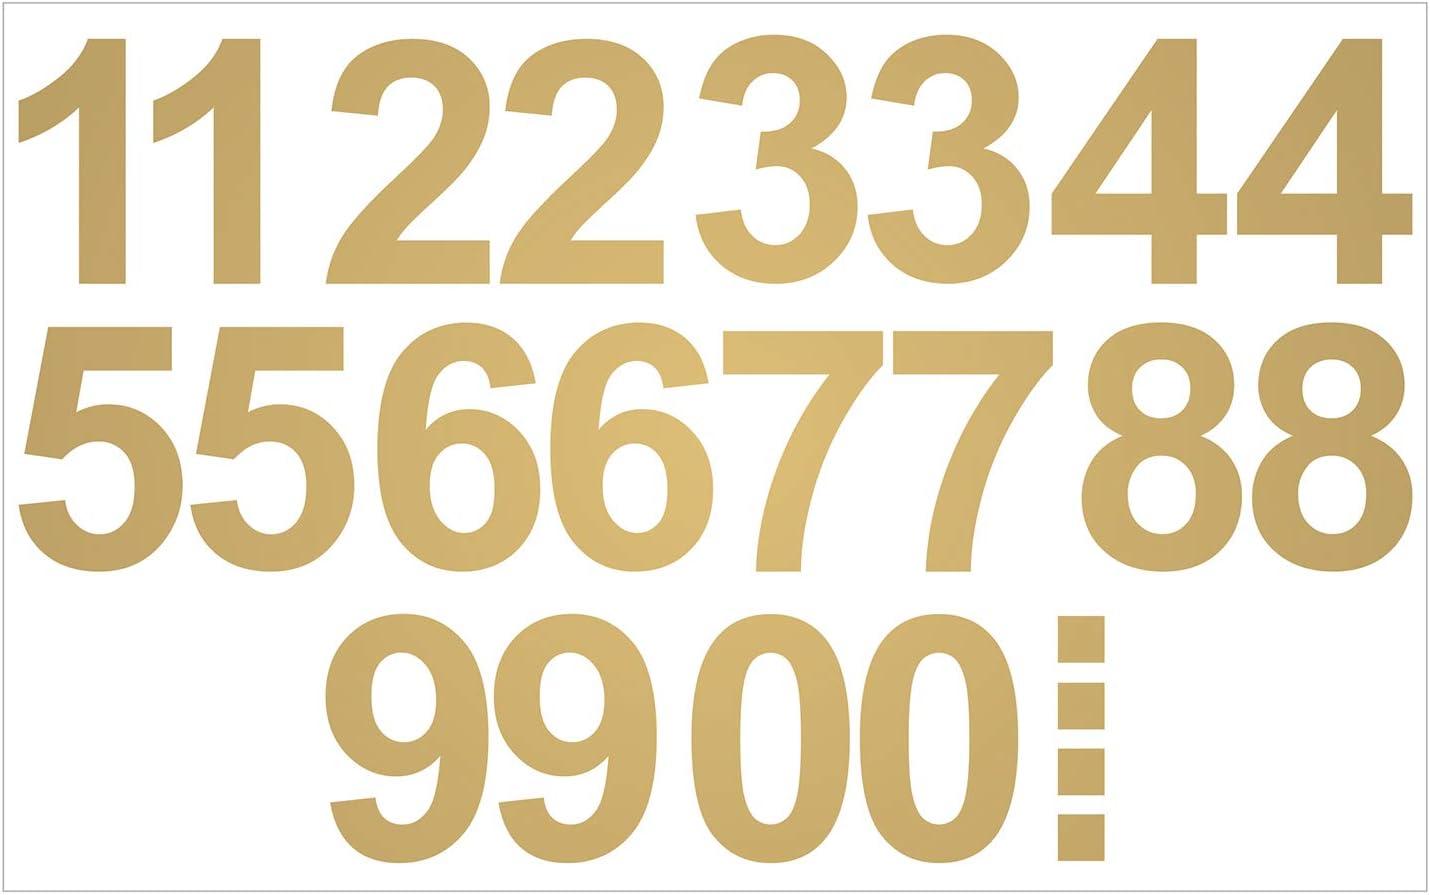 Wasser und wetterfest ideal f/ür den Au/ßenbereich 20 HOCHWERTIGE KLEBEZAHLEN Leicht anzubringende Zahlen Aufkleber 15cm in schwarz gl/änzend selbstklebende Ziffern und Nummern 0-9